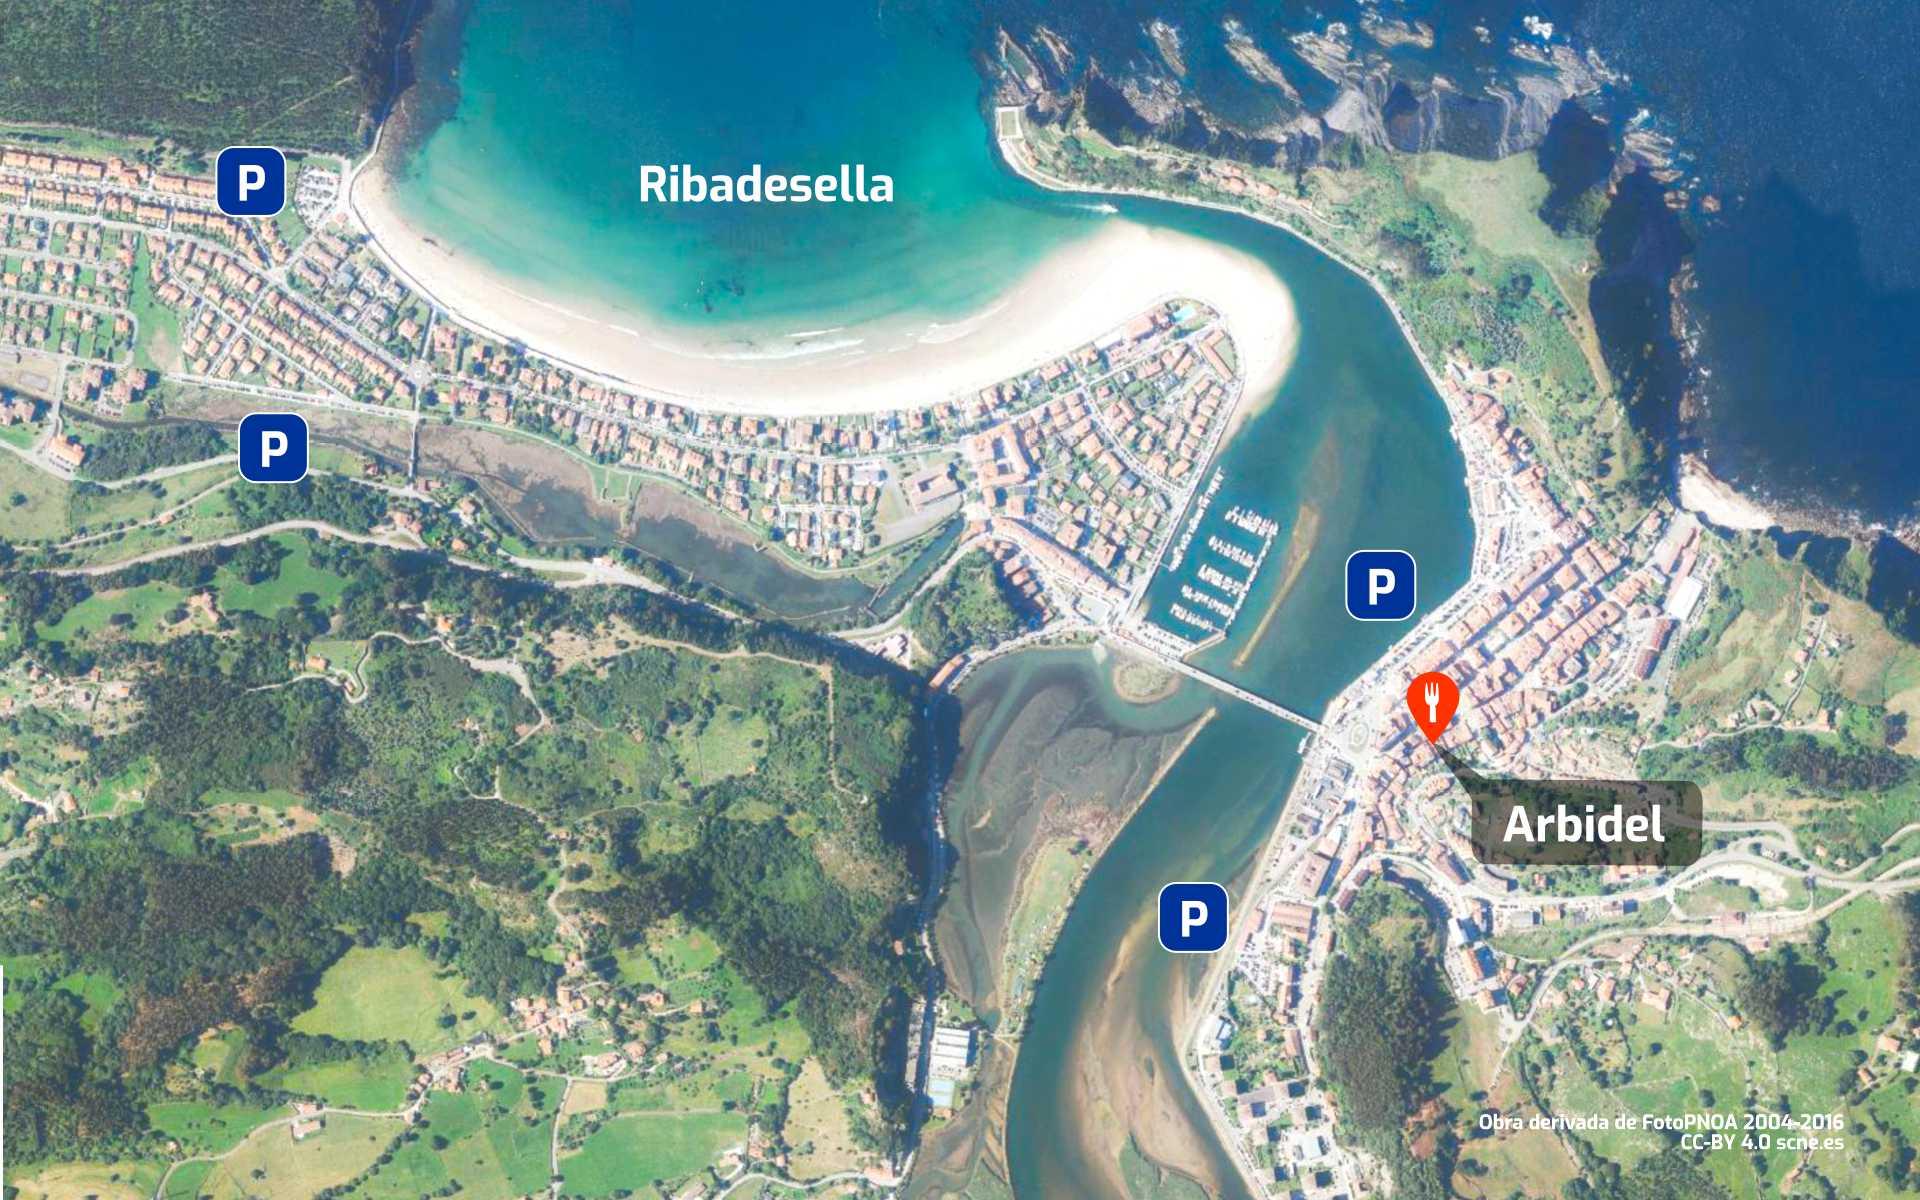 Mapa de cómo llegar al restaurante Arbidel en Ribadesella, Asturias.